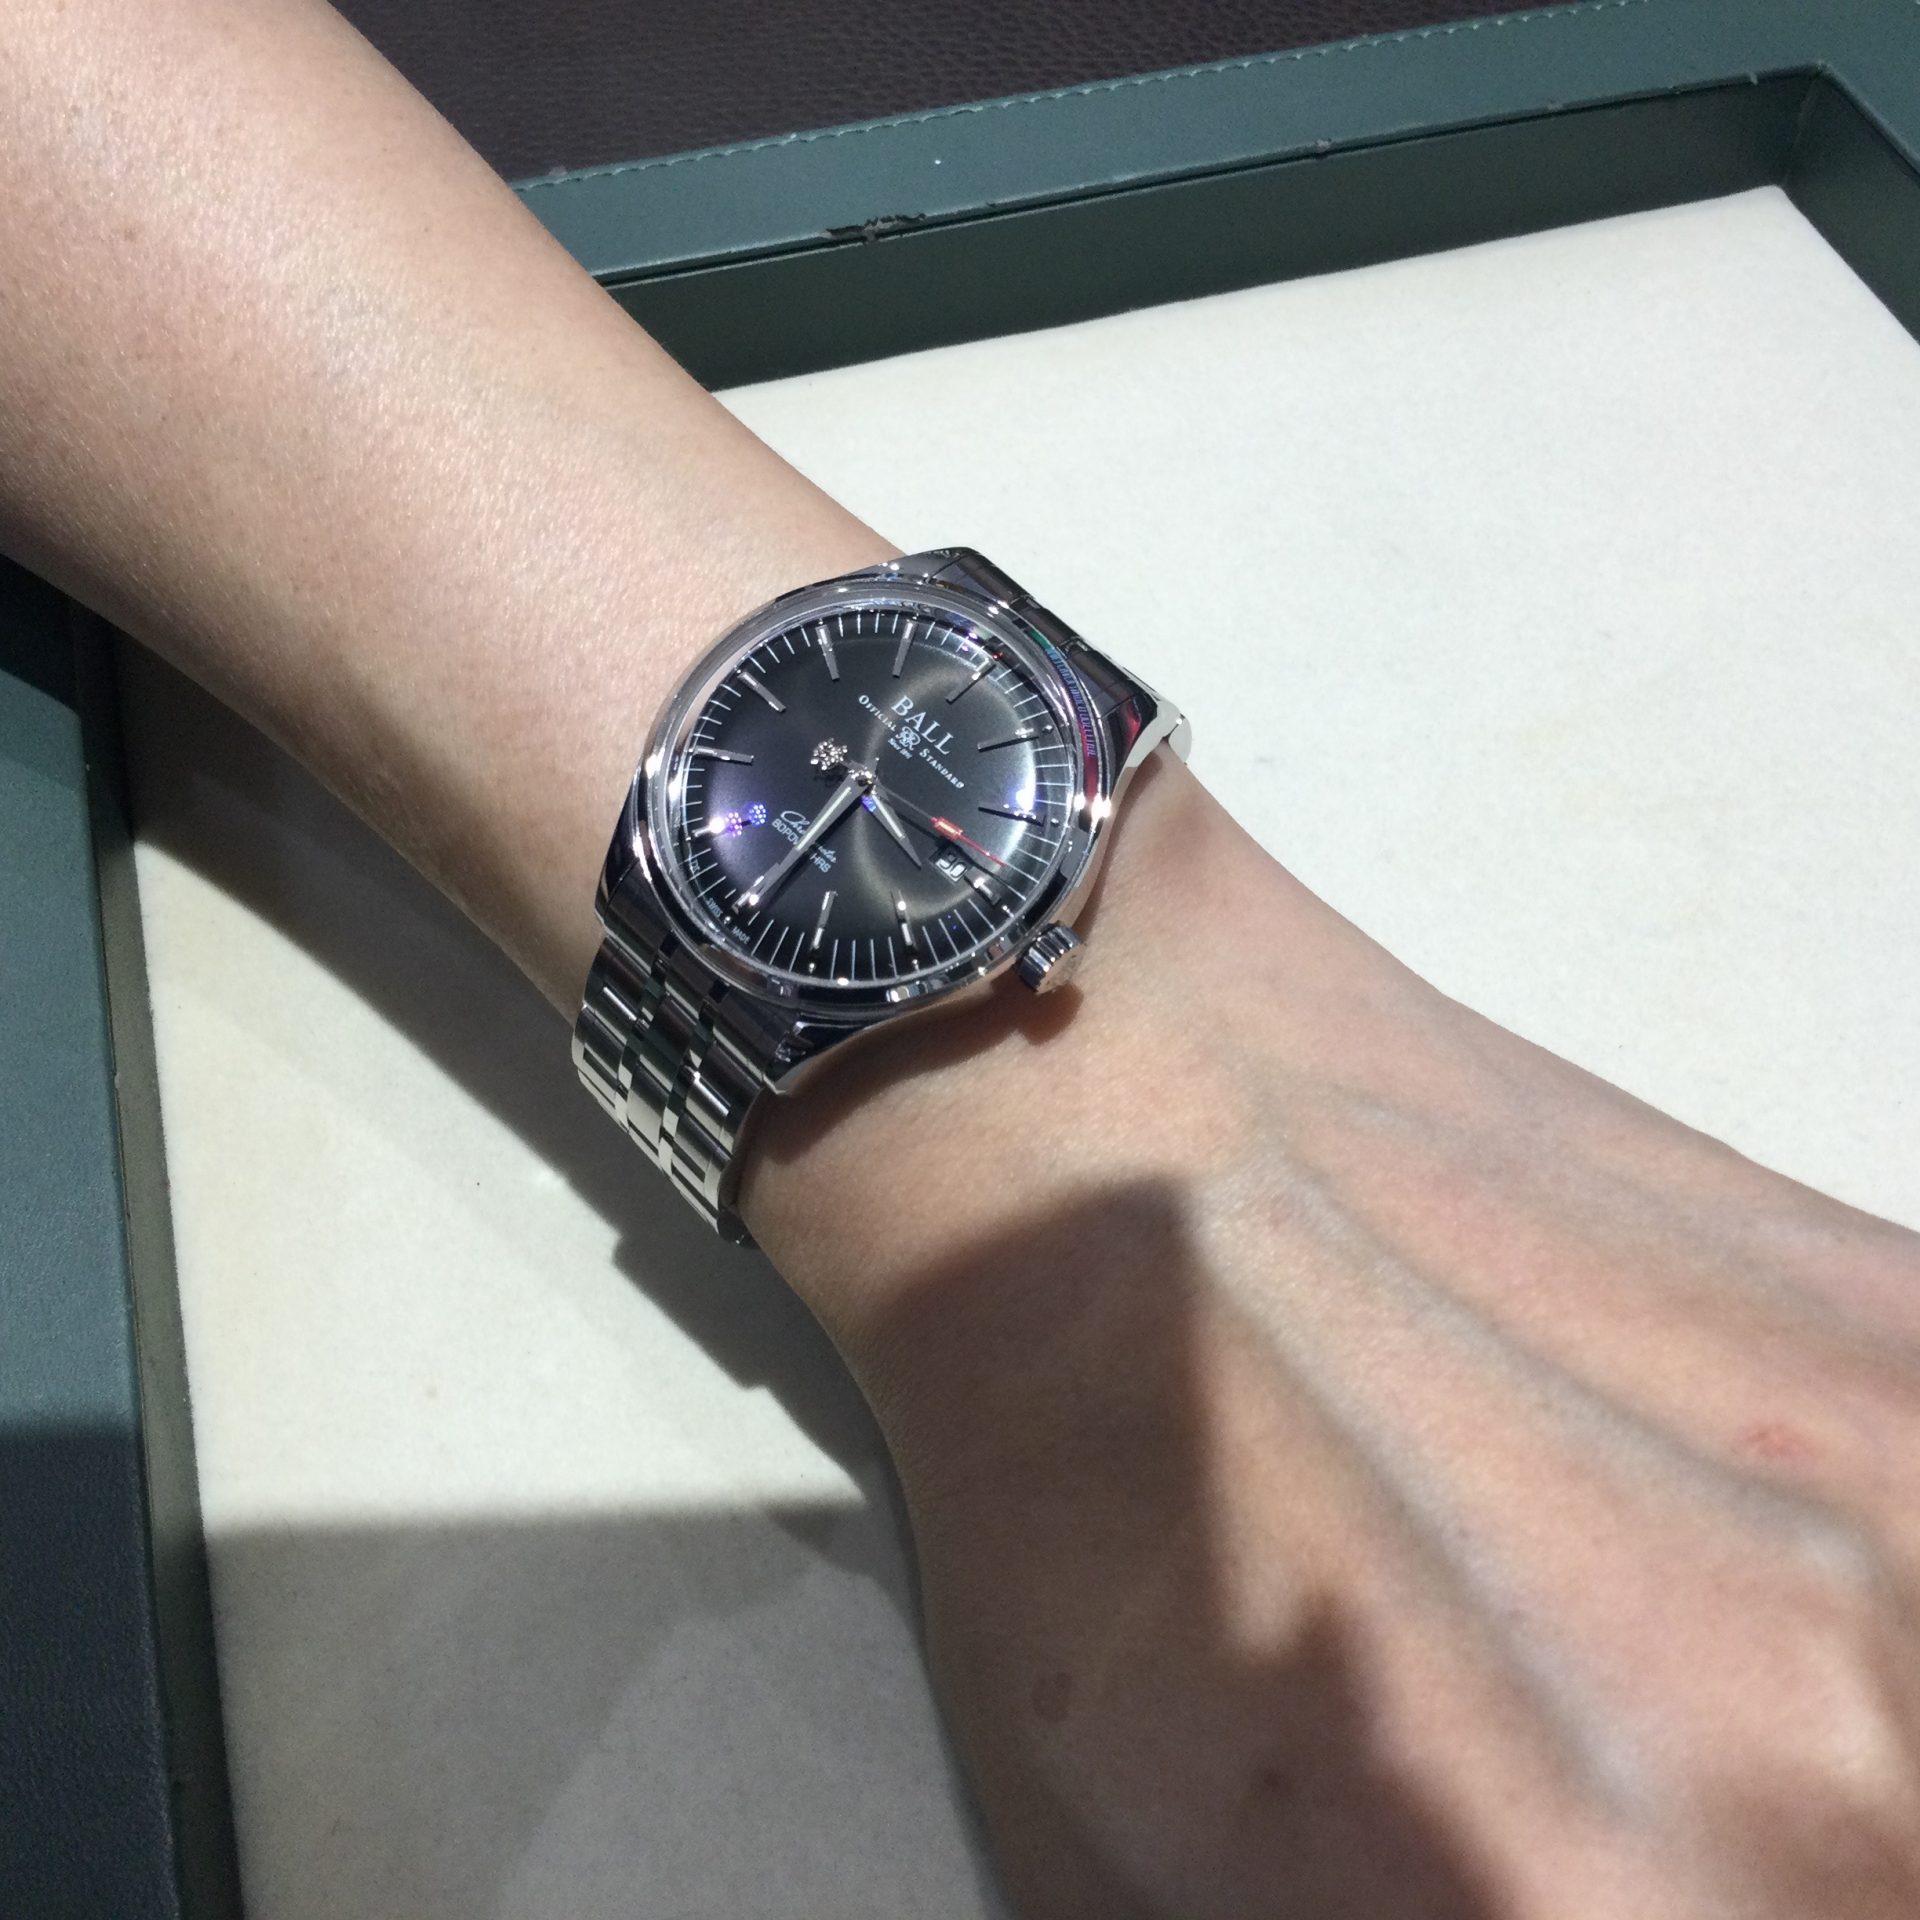 ボールウオッチのお時計をお買い上げ頂きまして、有難うございます! 画像2